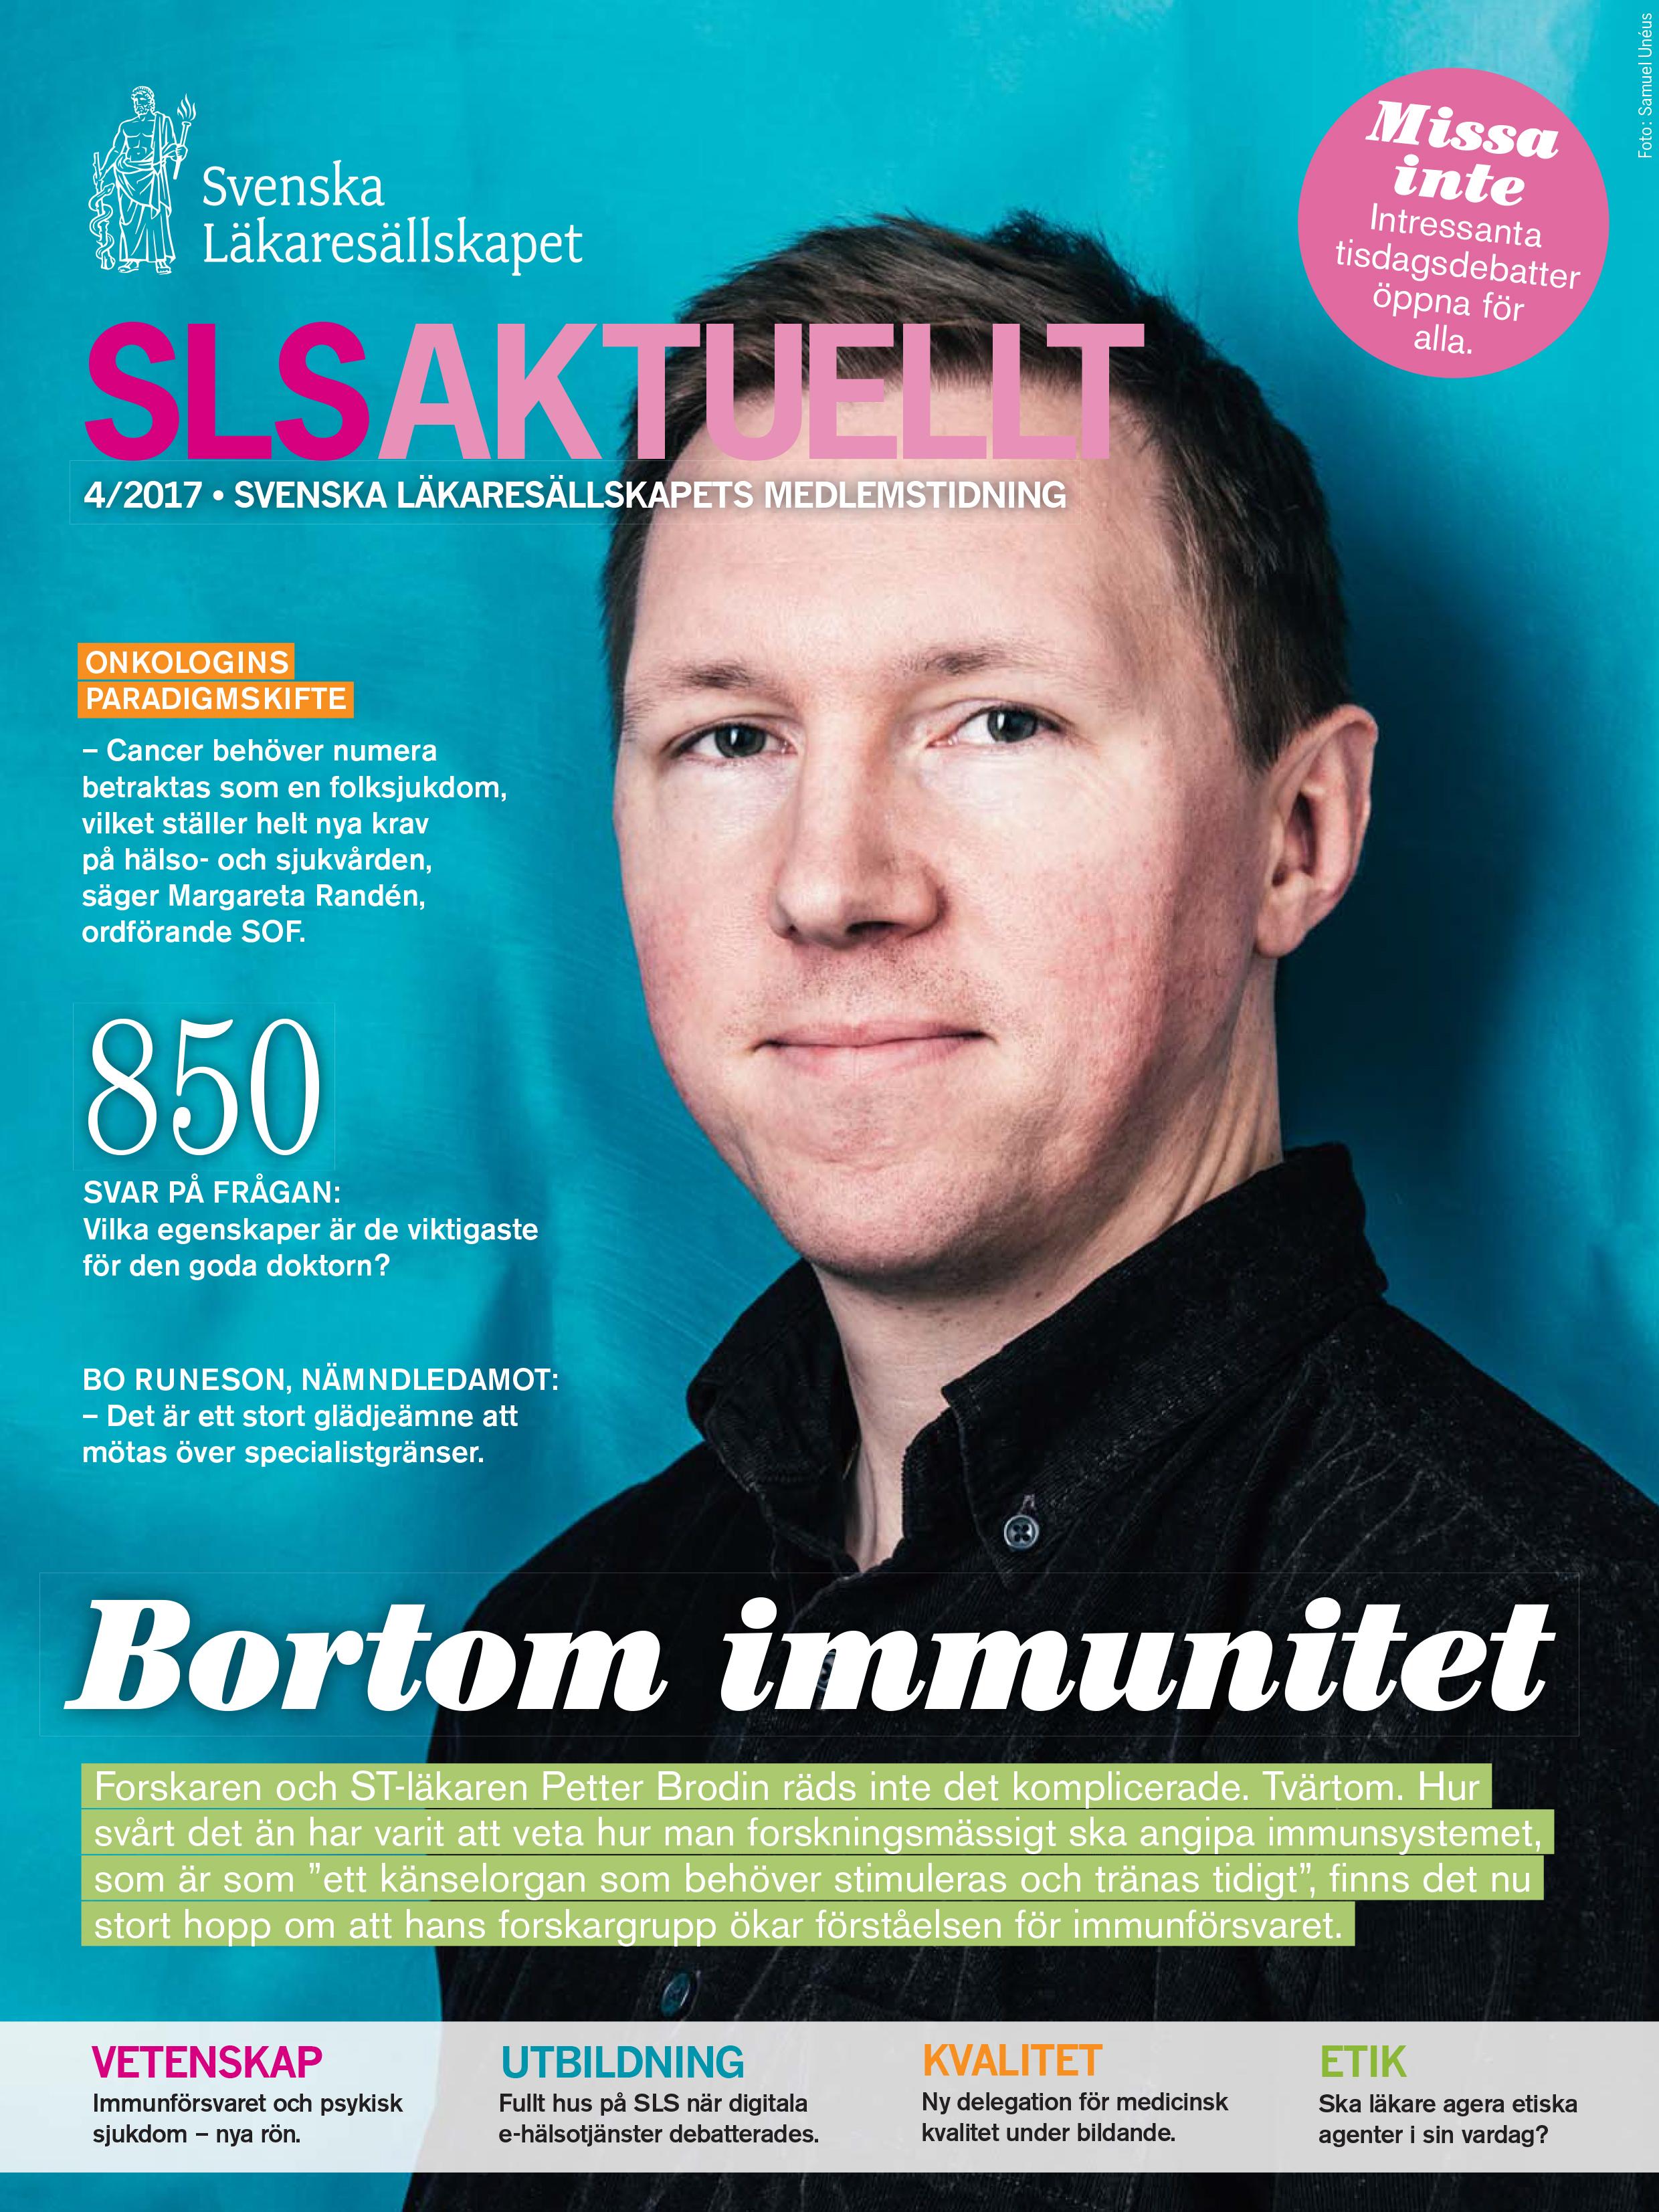 Svenske lakaren inte etiskt korrekt